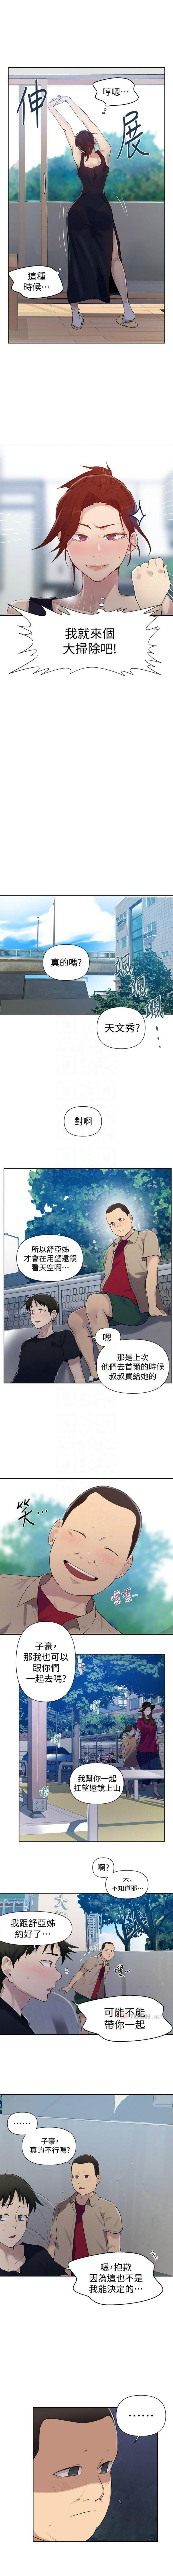 秘密教學  1-69 官方中文(連載中) 496